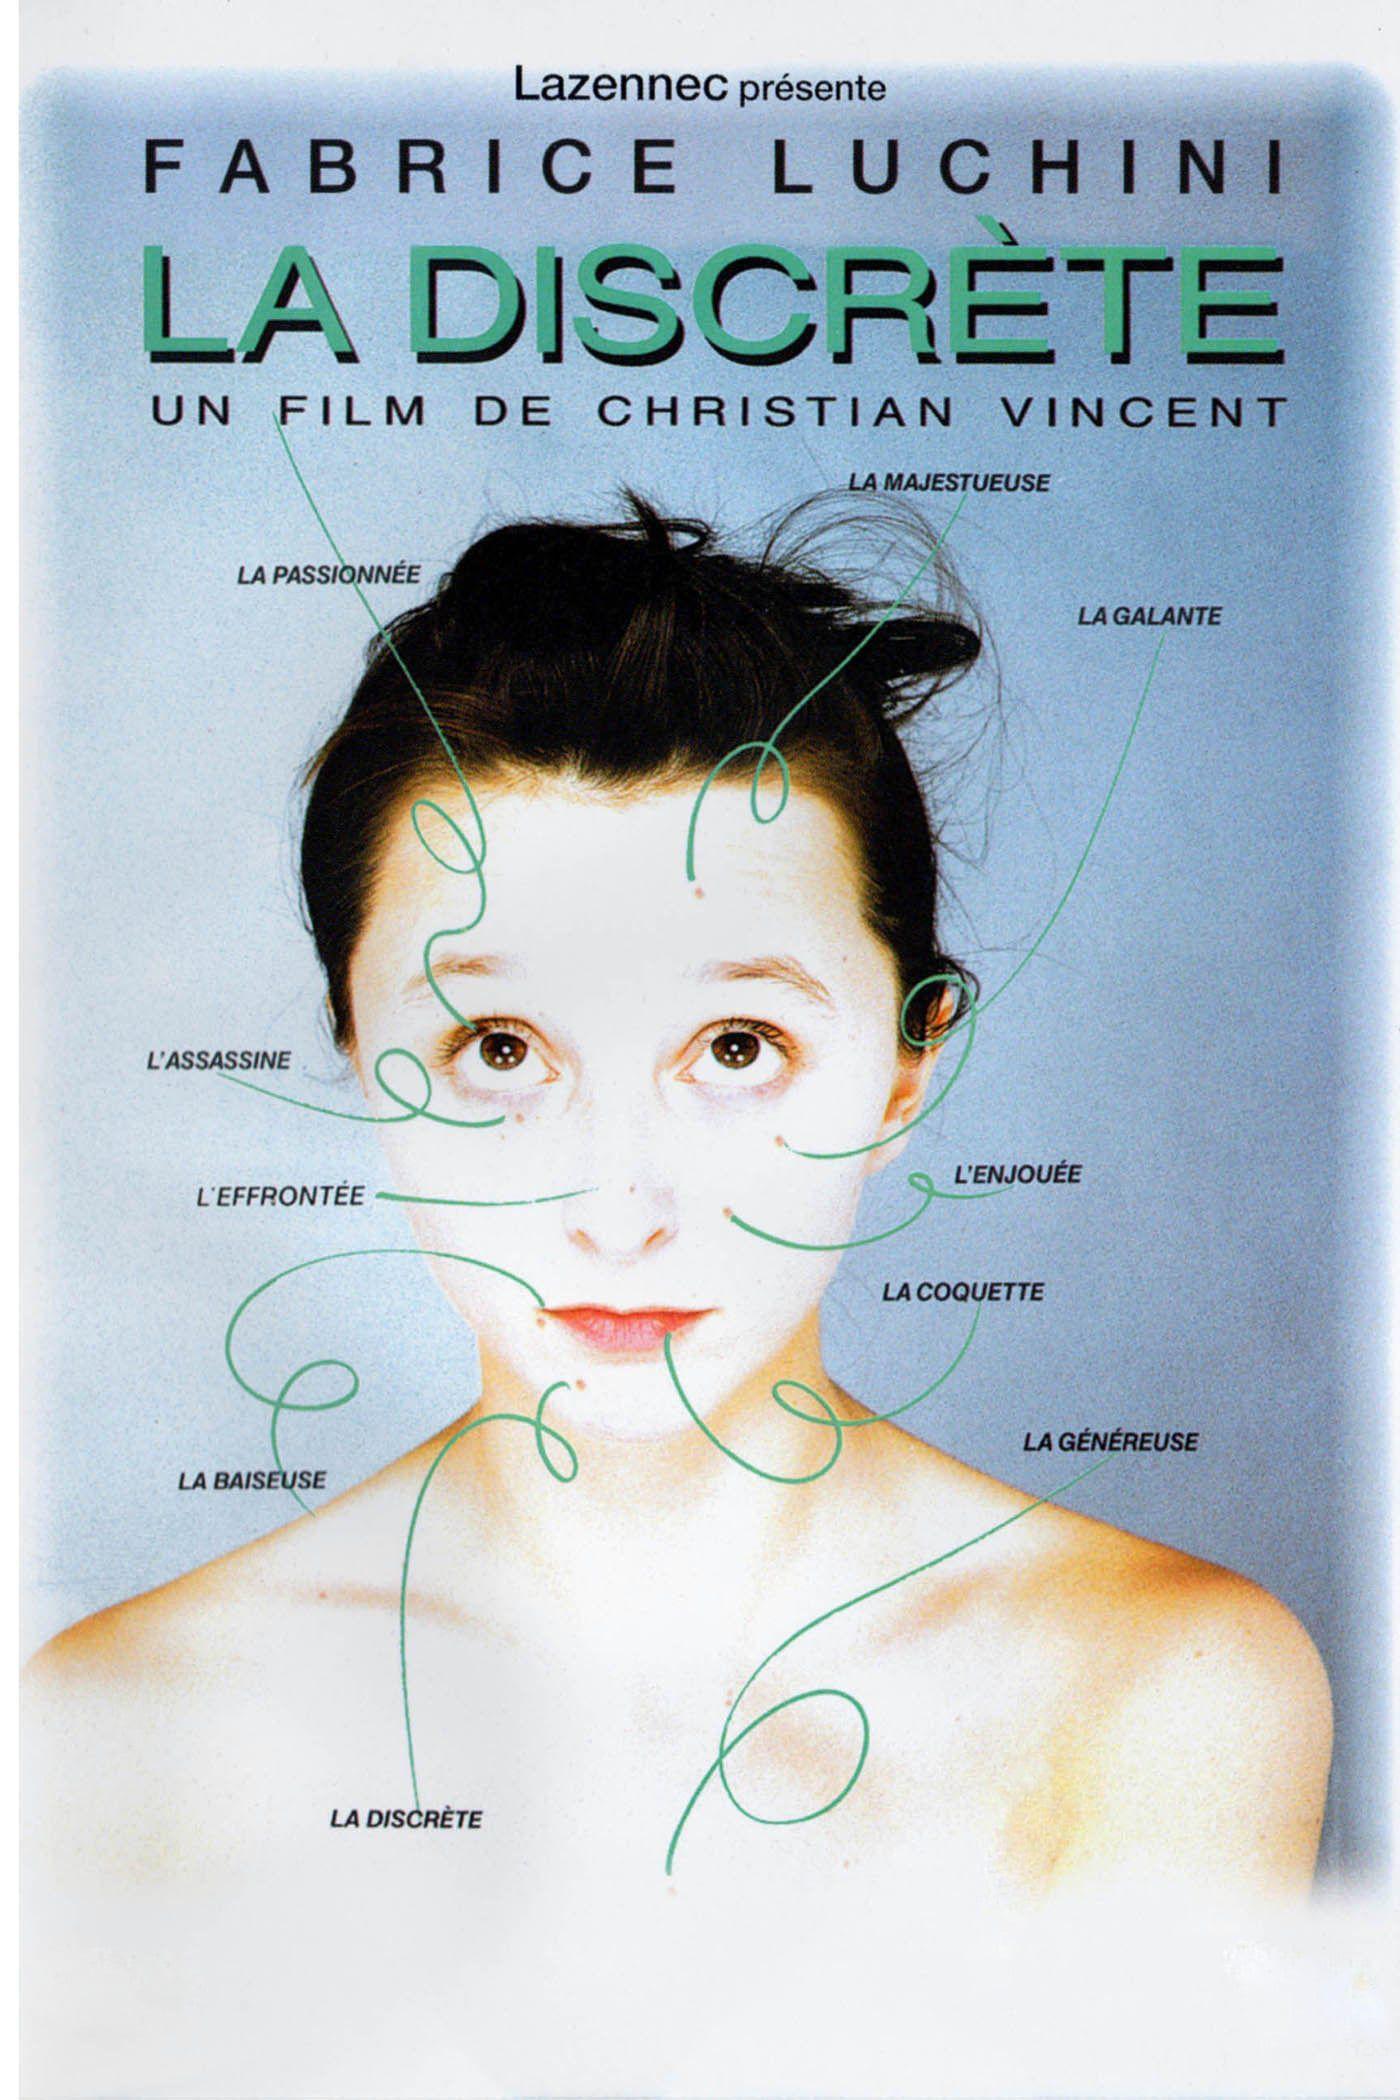 La discrète - Christian Vincent - critique